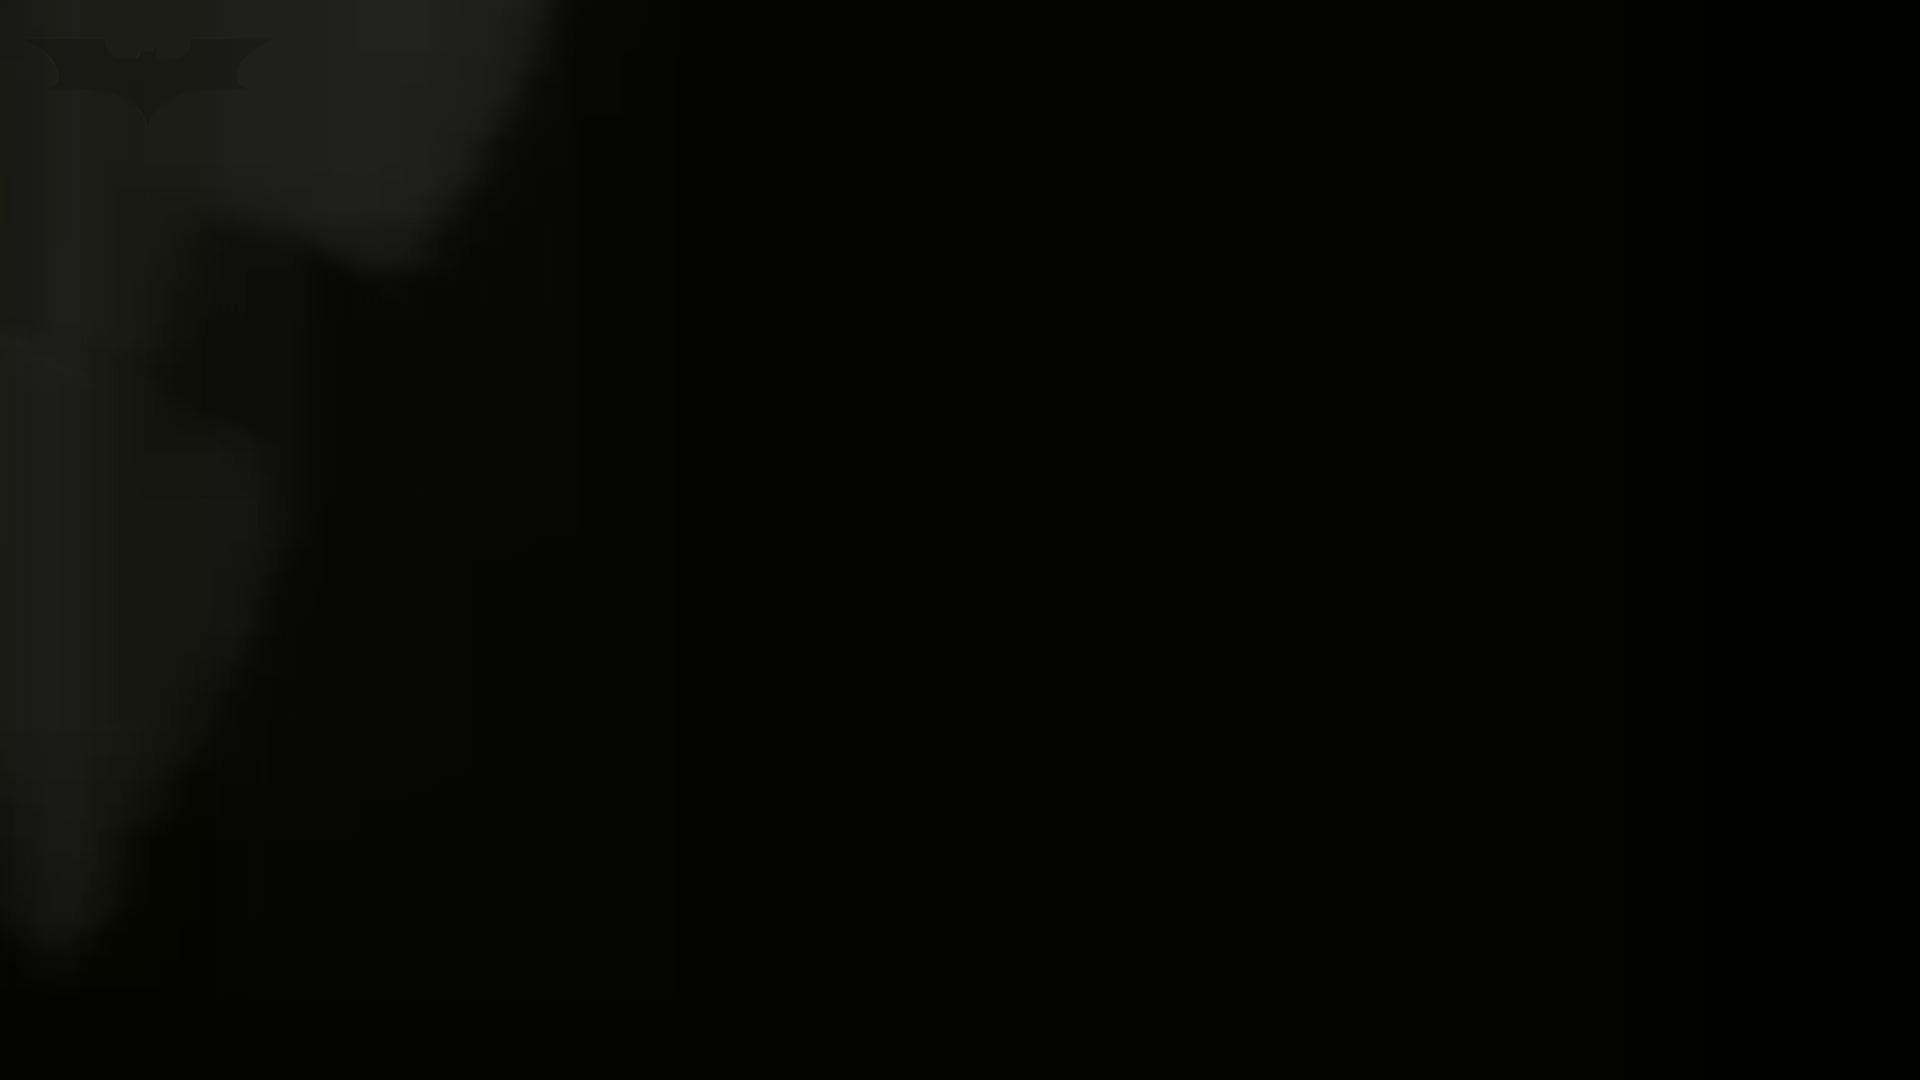 洗面所特攻隊 vol.74 last 2総勢16名激撮【2015・29位】 洗面所  84枚 30